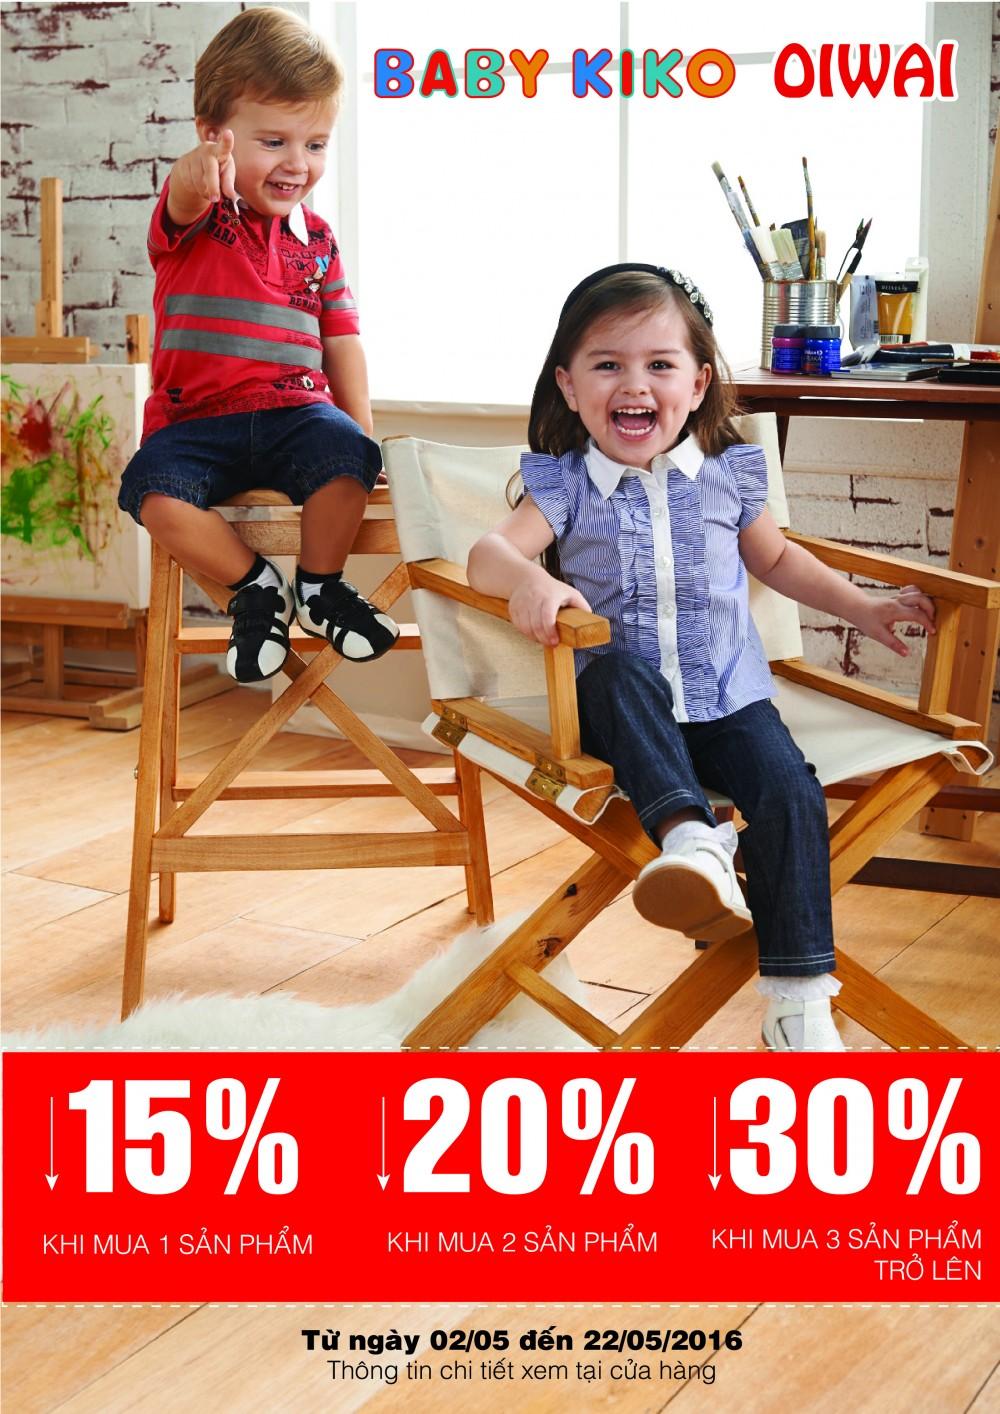 Thời Trang Trẻ Em Babykiko - Oiwai Siêu Khuyến Mãi Tháng 5